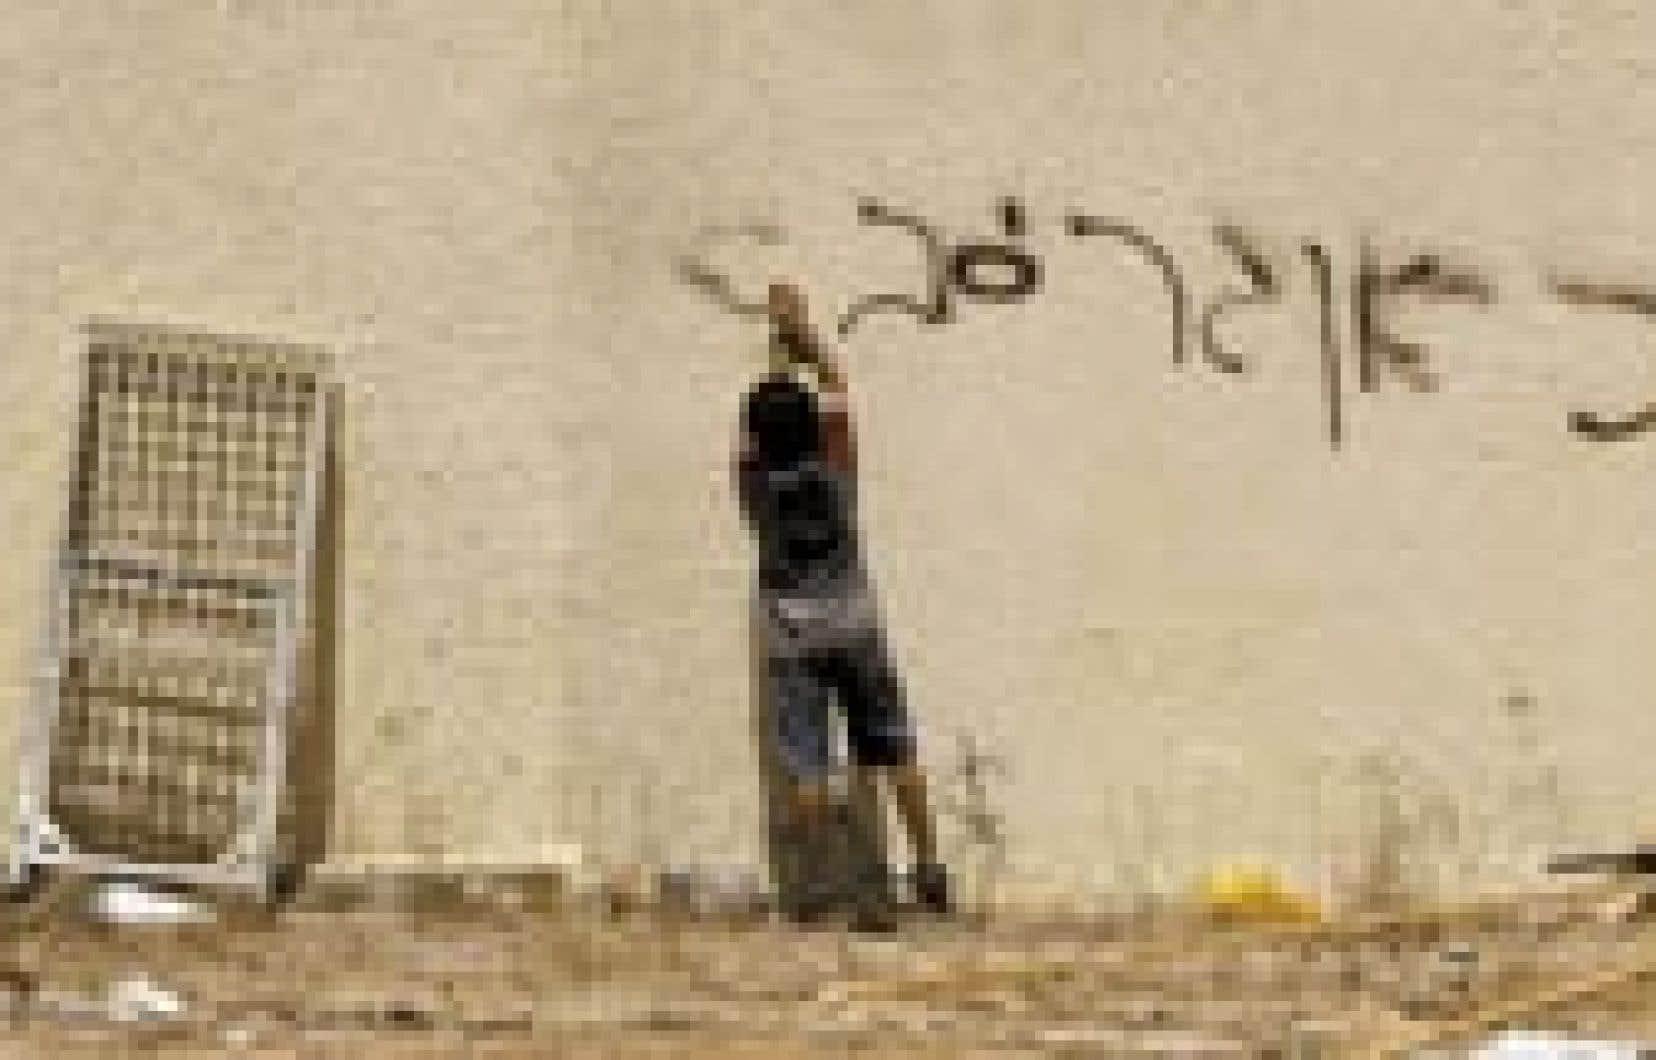 À la veille du démantèlement, un jeune garçon inscrit «Nous vivions heureux» sur les murs de sa maison d'Elei Sinai au nord de Gaza.